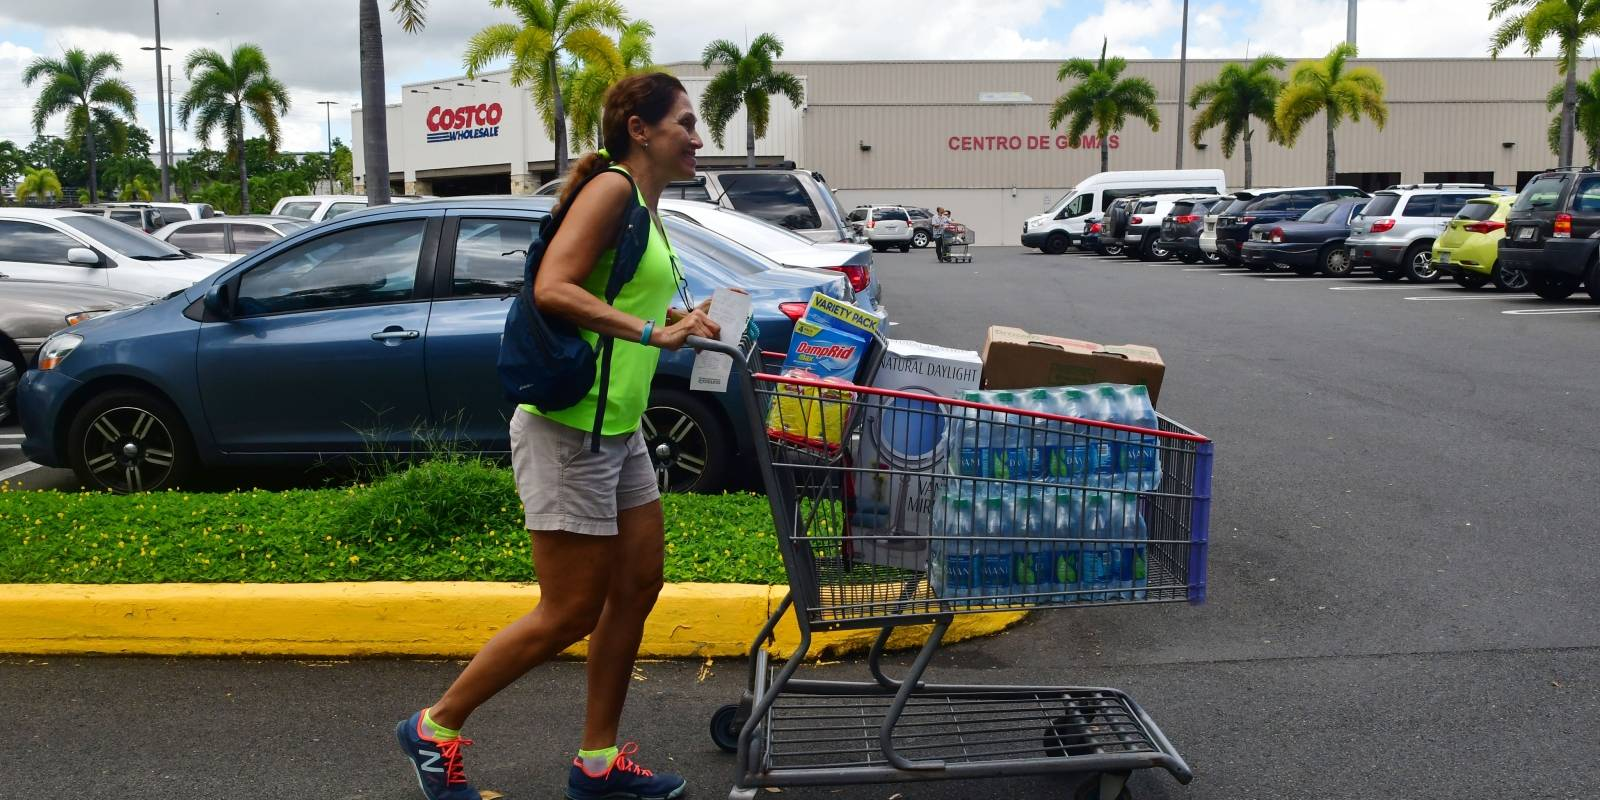 Los ciudadanos se abastecieron de artículos de primera necesidad. Foto: Dennis Jones